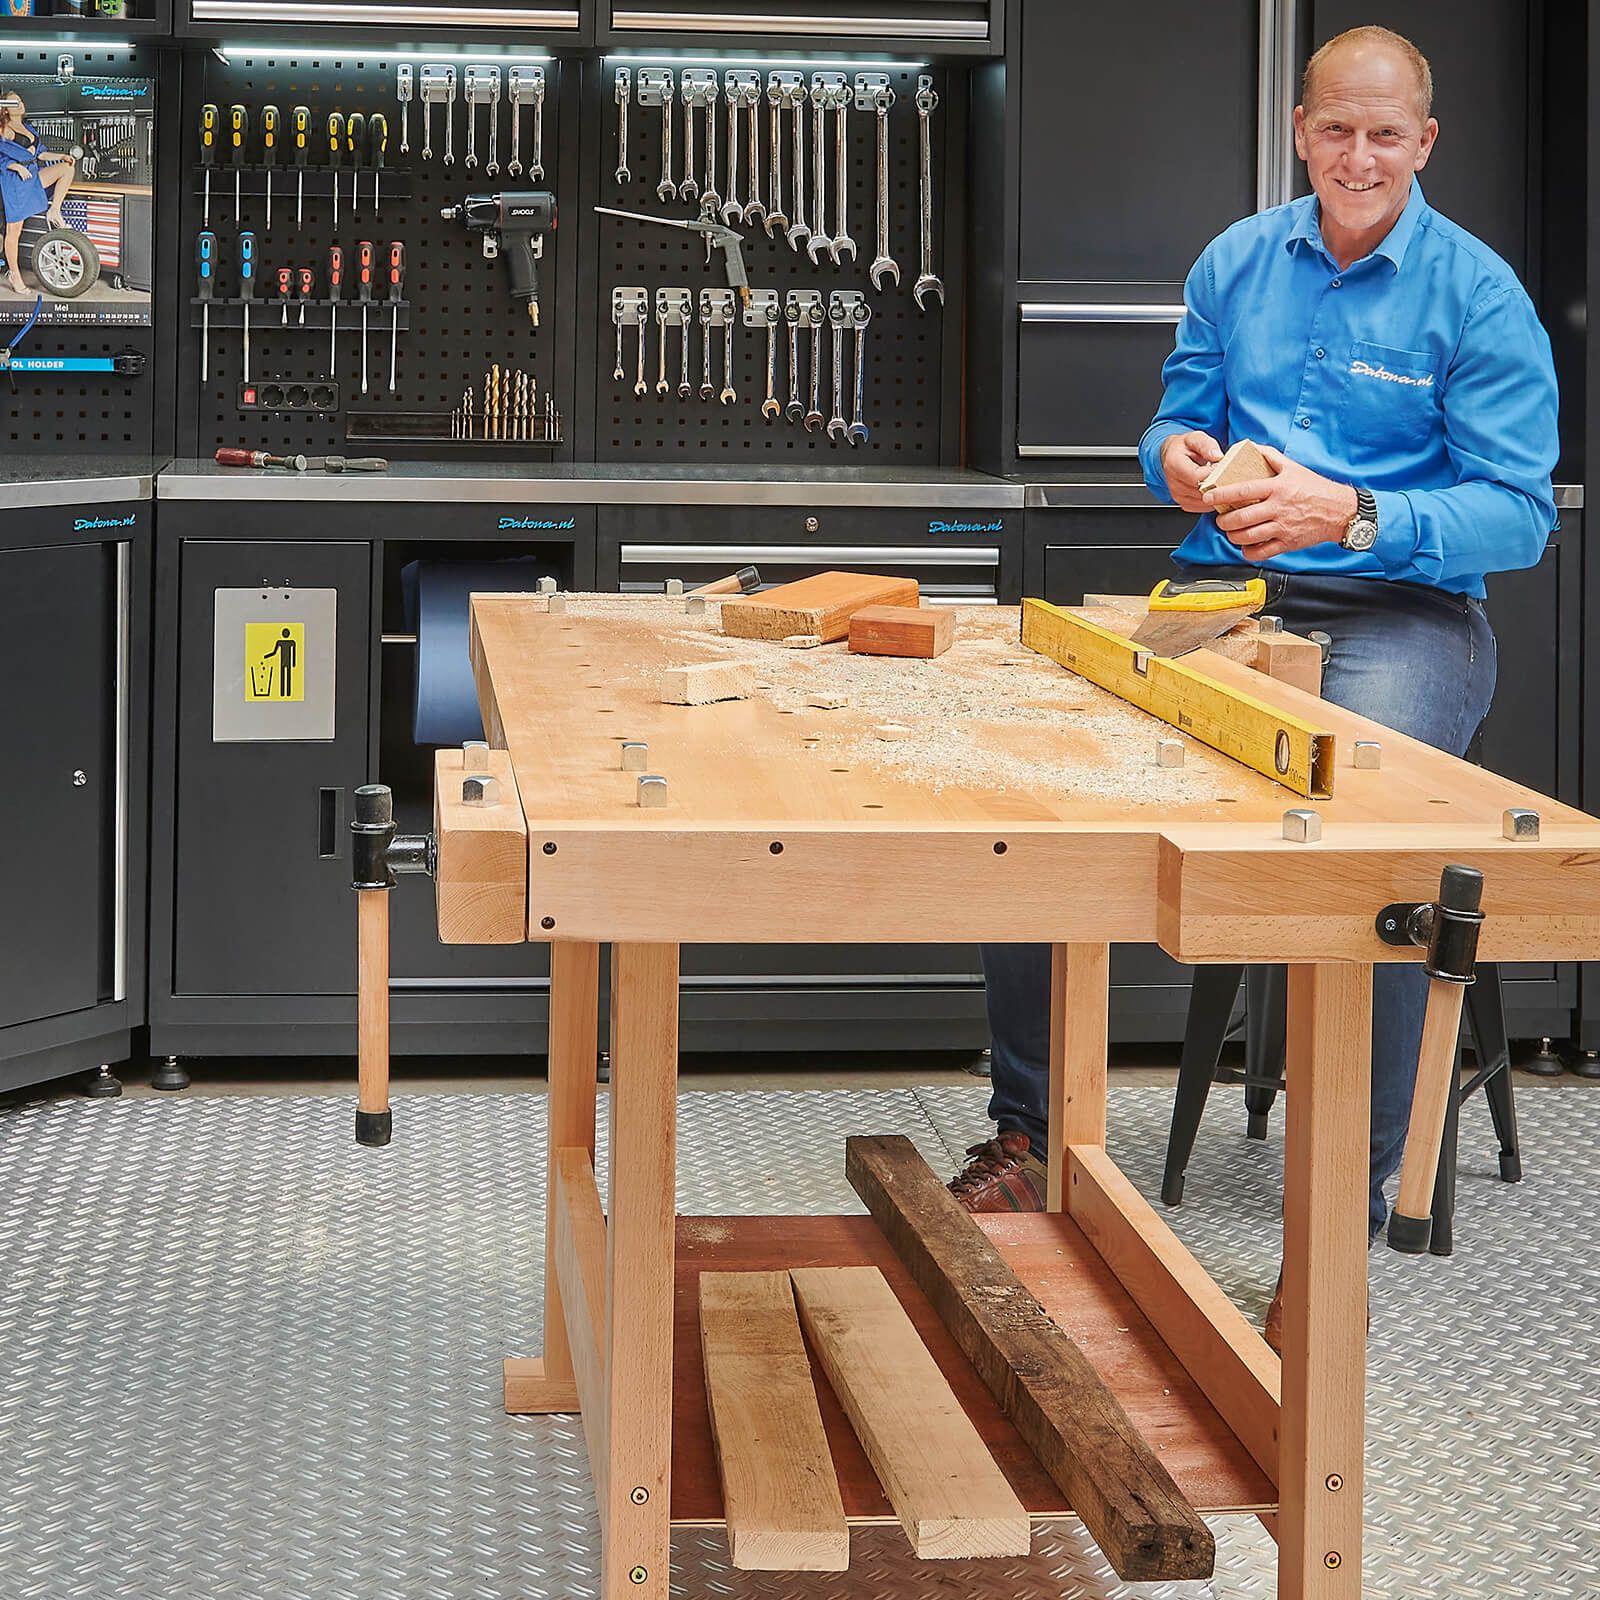 Houten werkbank voor houtbewerking met meerdere bankschroeven